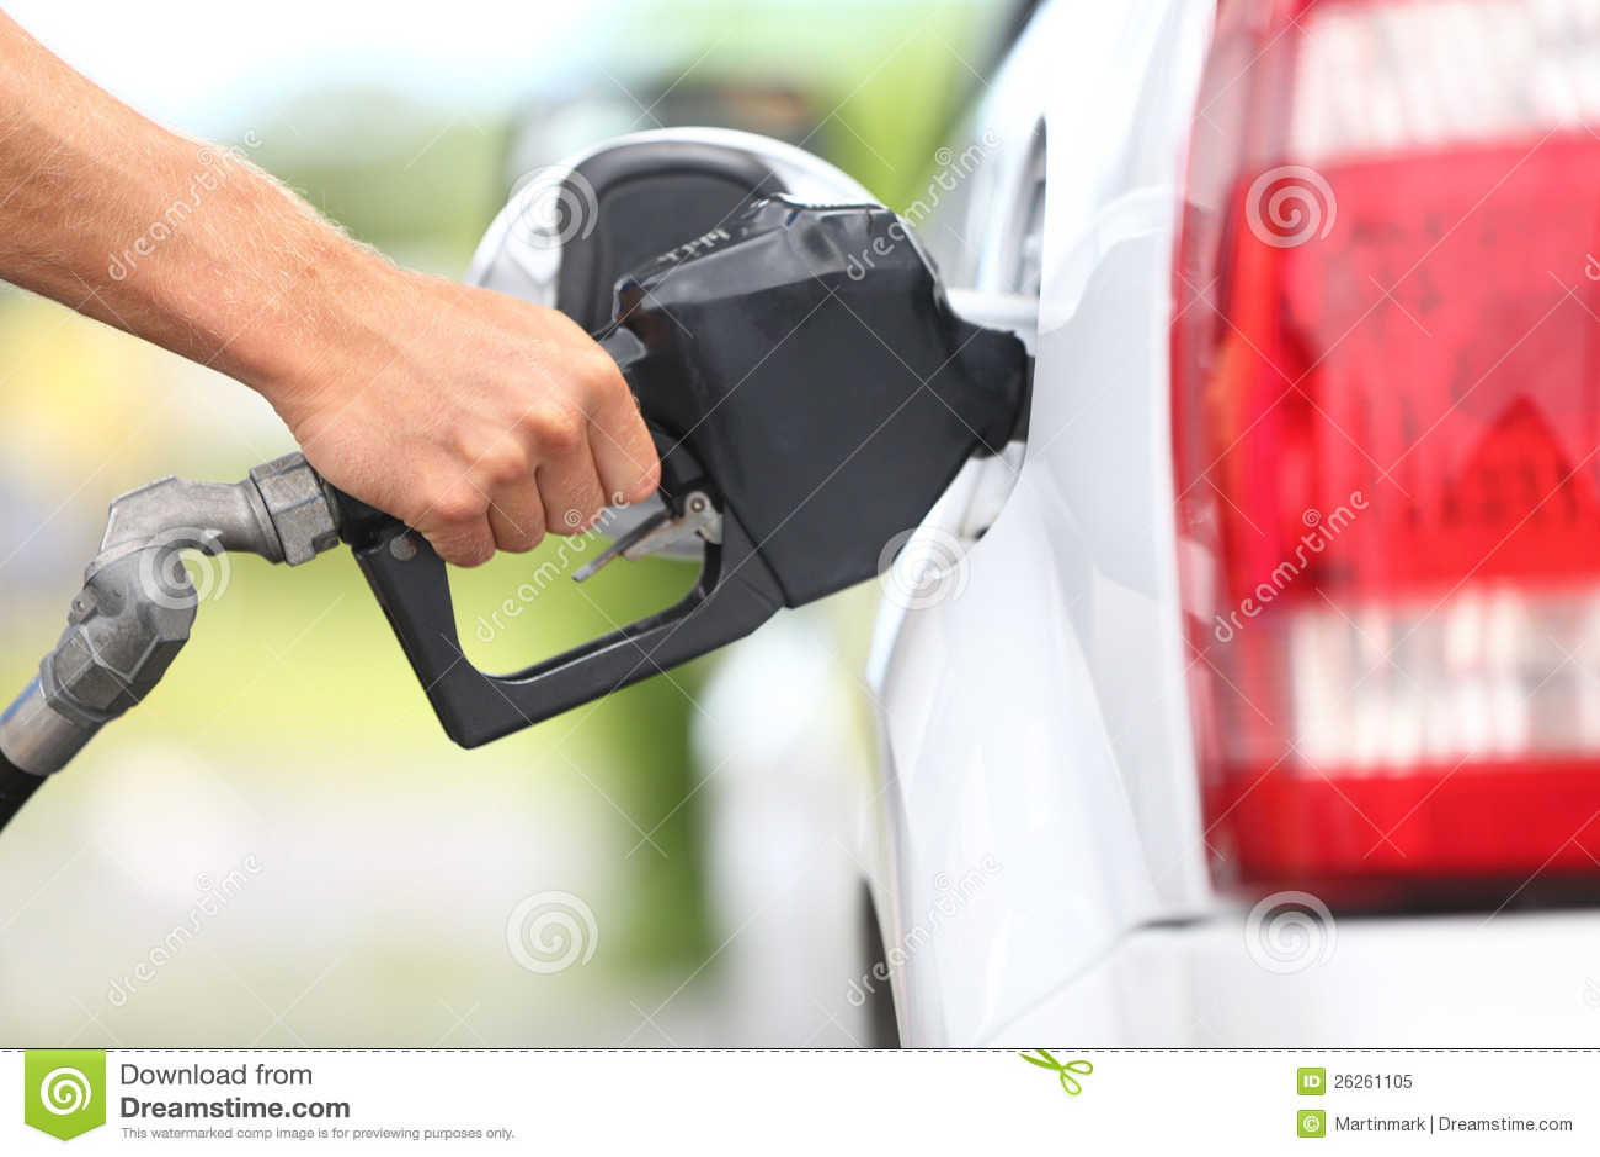 Pumping gas at gas pump